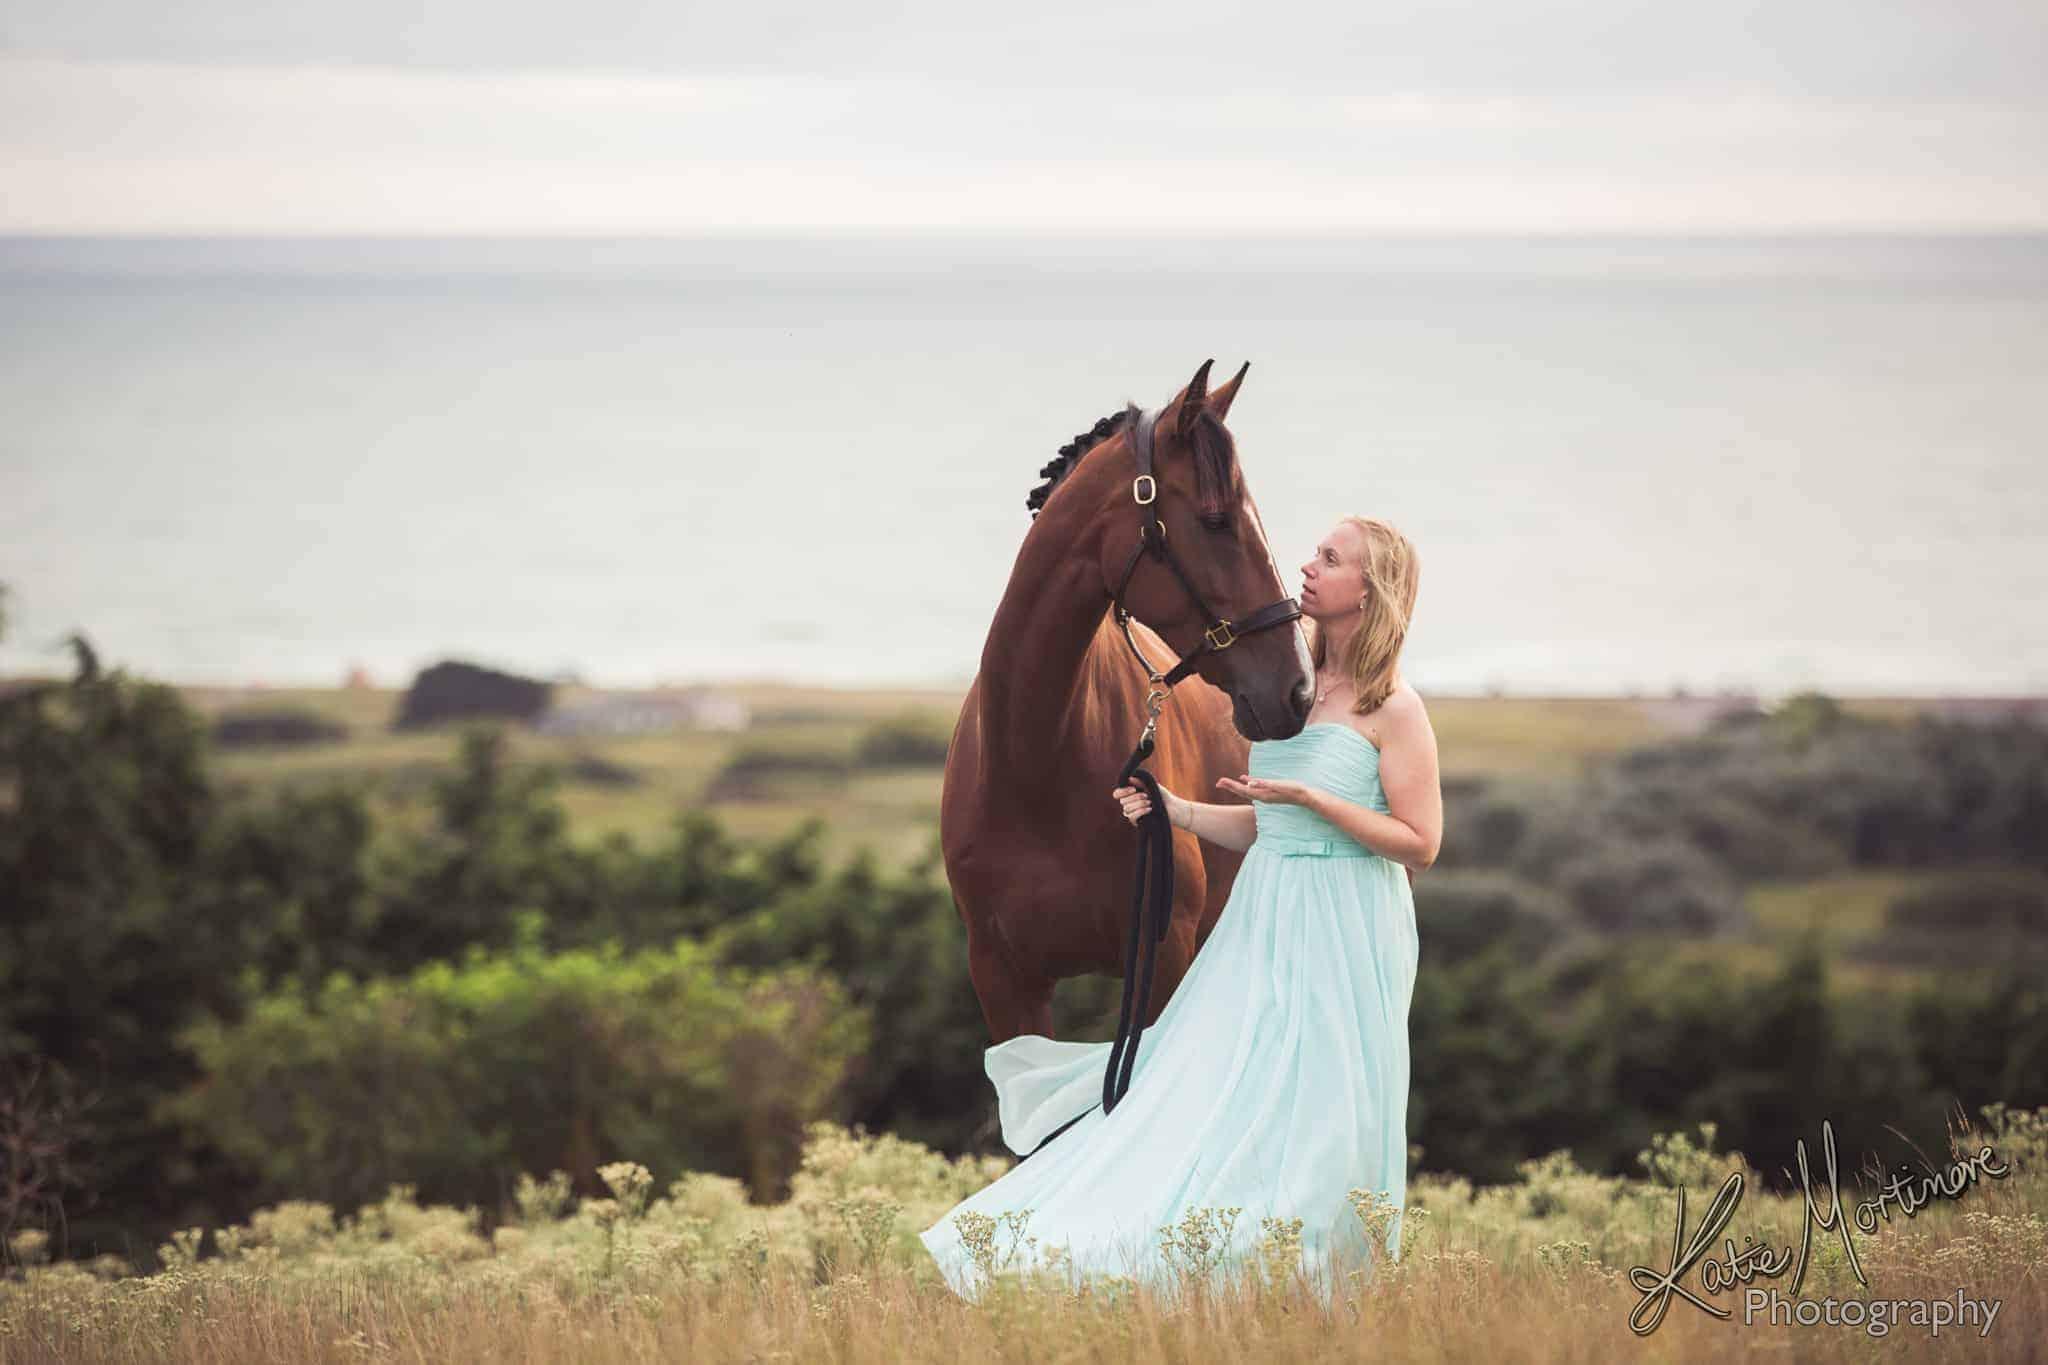 horse & women owner portrait hampshire wiltshire